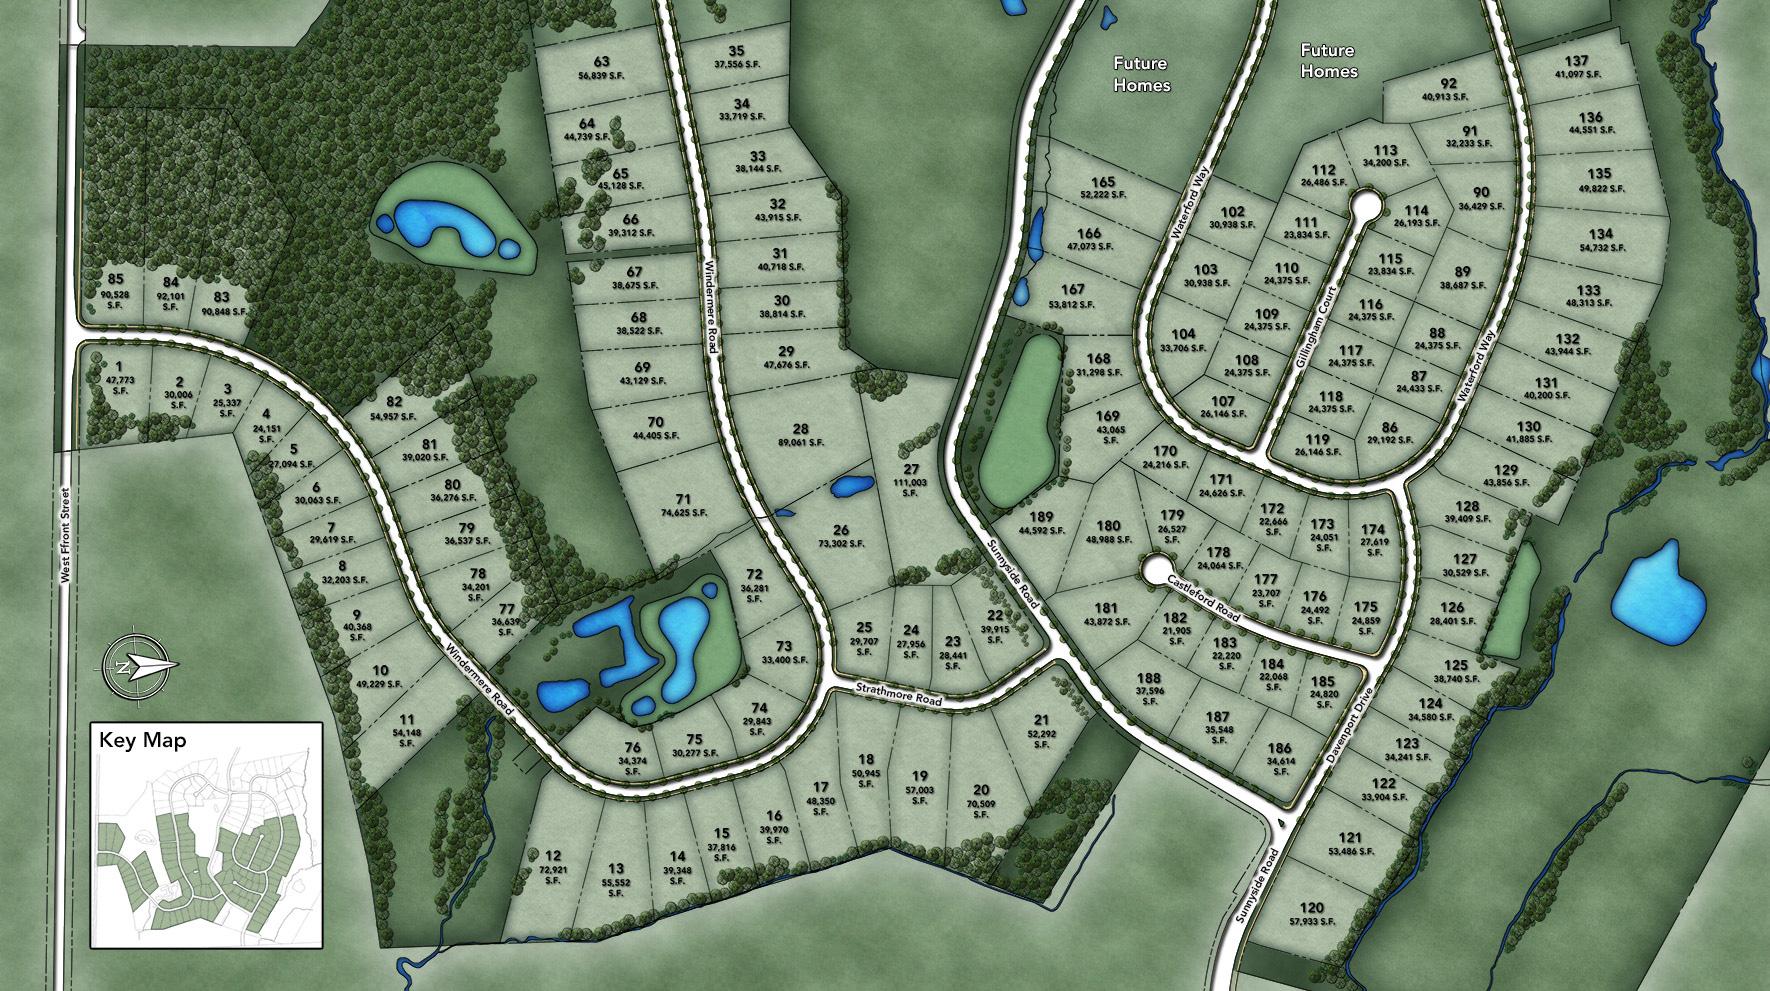 Estates at Bamm Hollow Site Plan